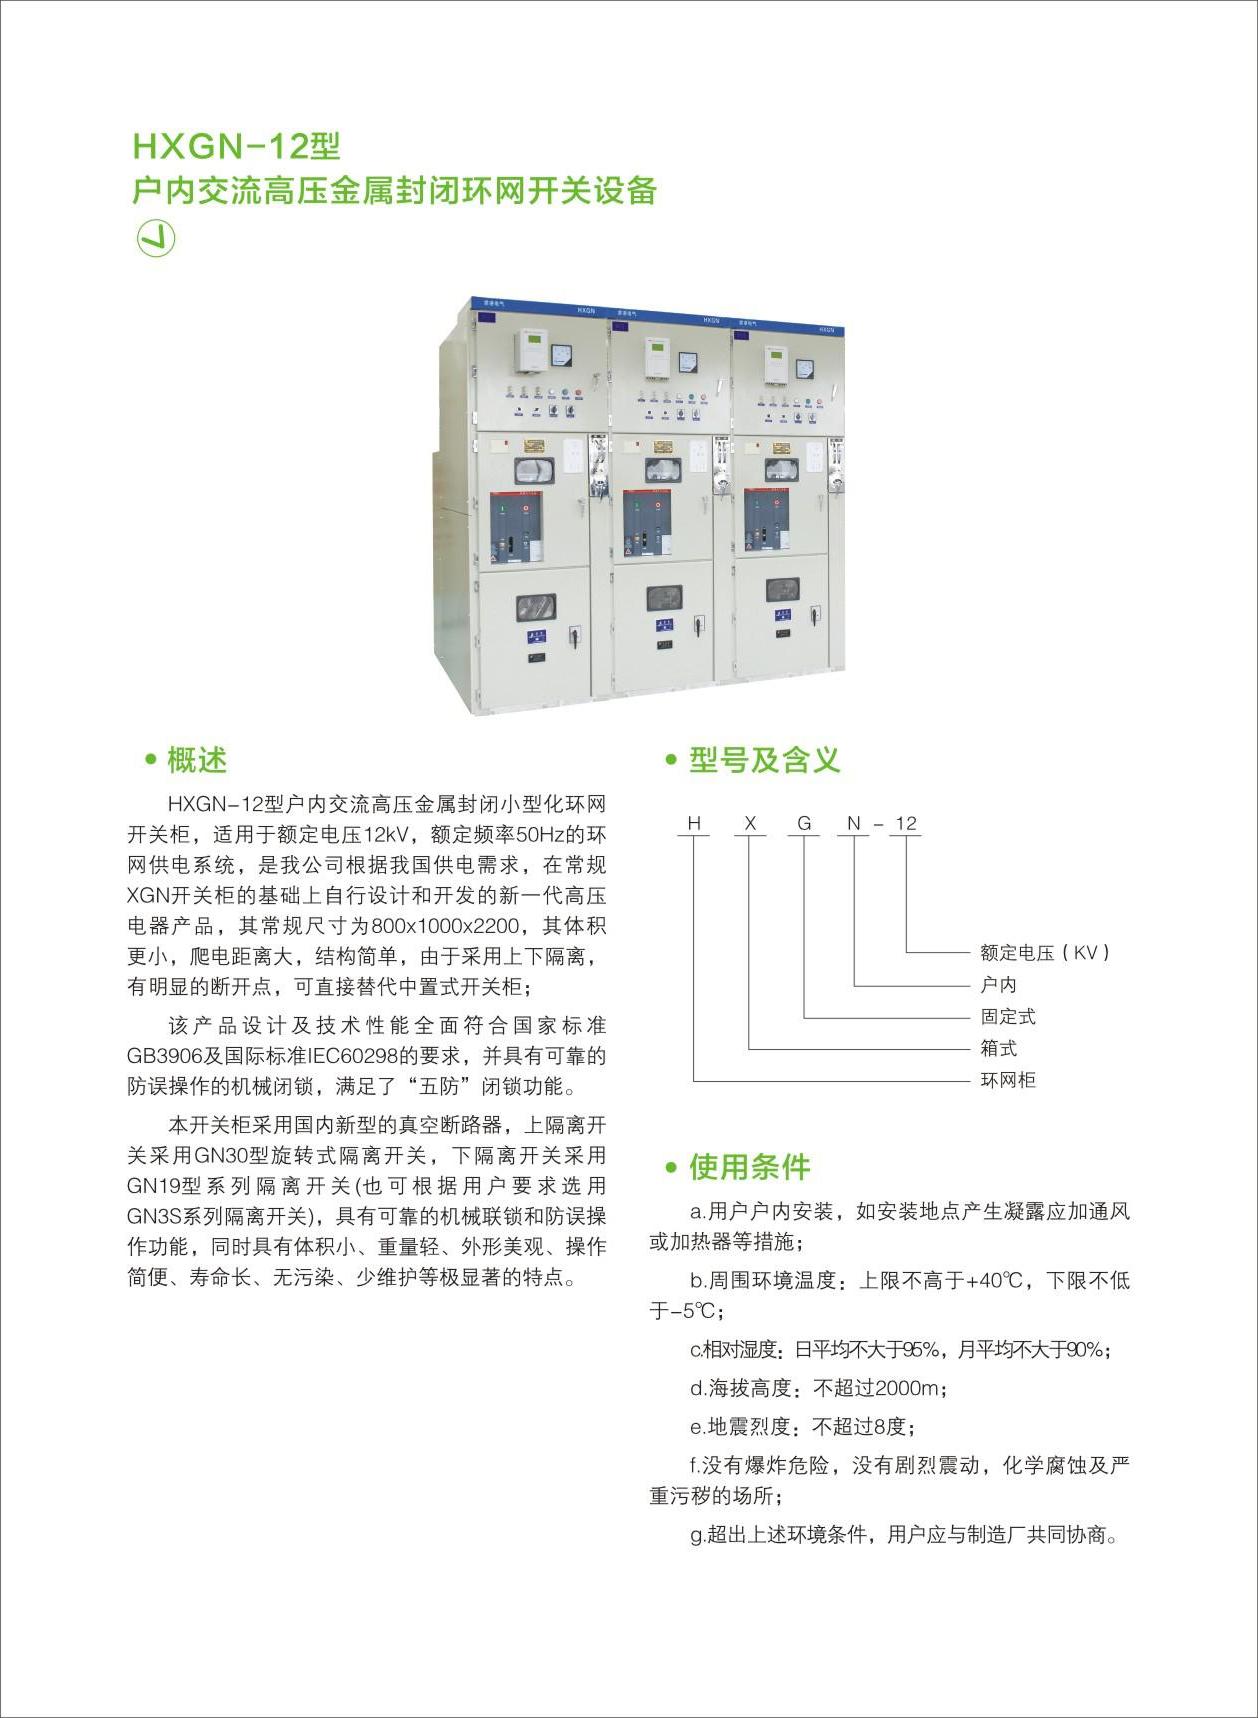 HXGN-12型戶內交流高壓金屬封閉環網開關設備-01